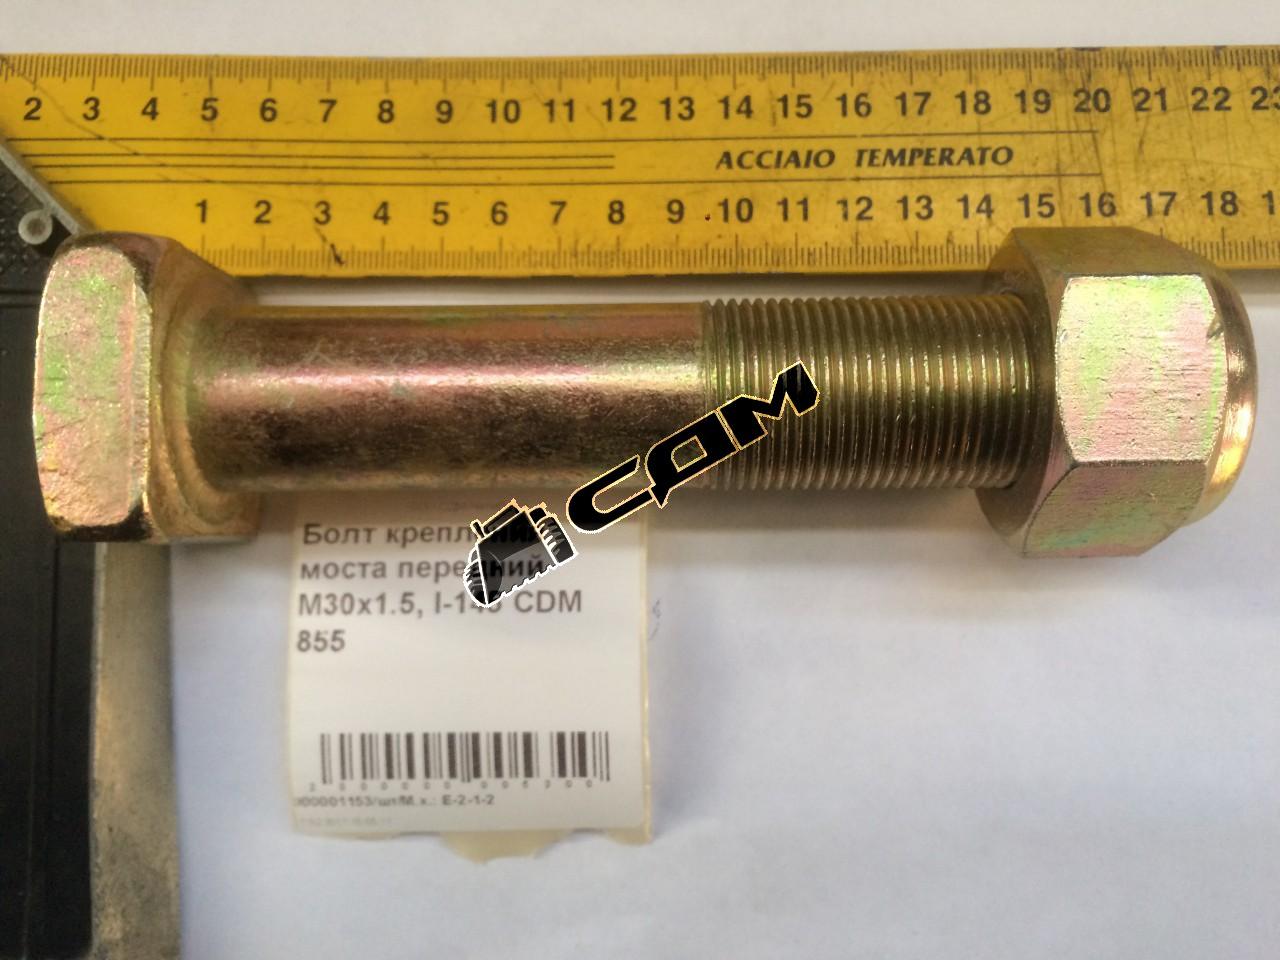 Болт крепления моста передний M30x1.5, l-145 CDM 855 LG853.04-002/504003C